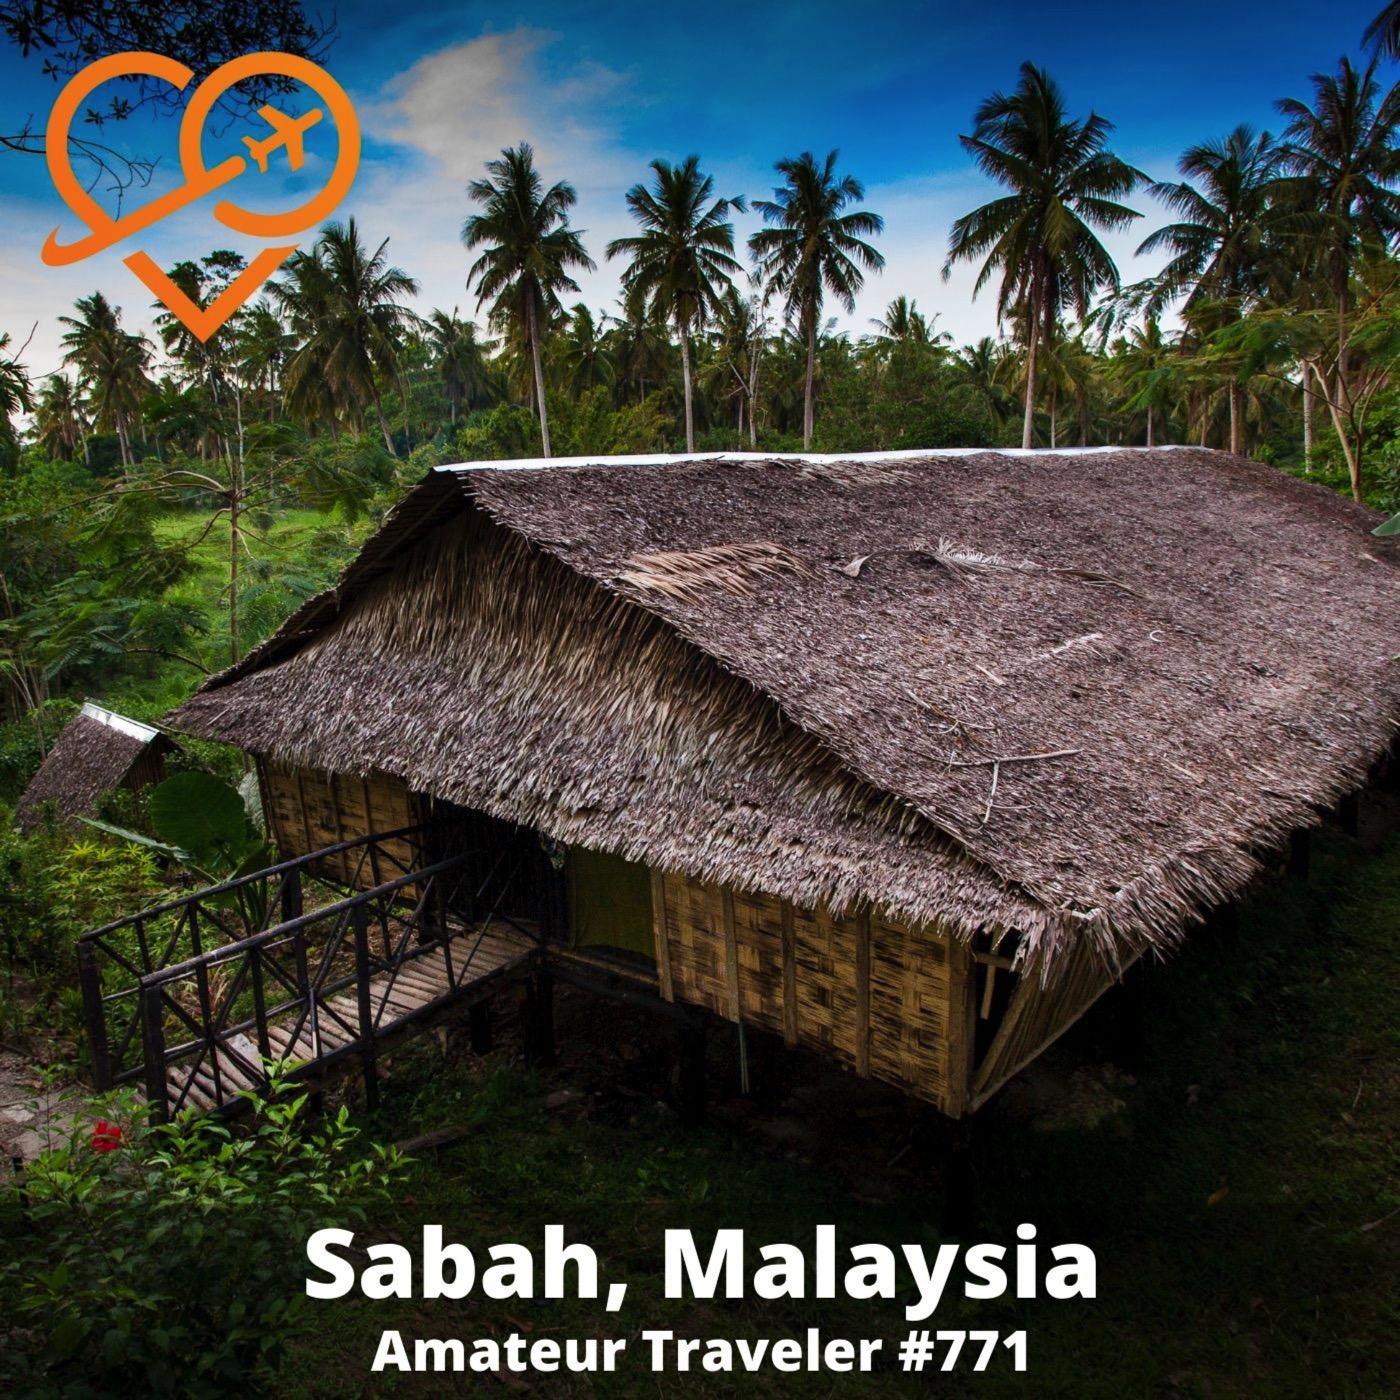 AT#771 - Travel to Sabah, Malaysia